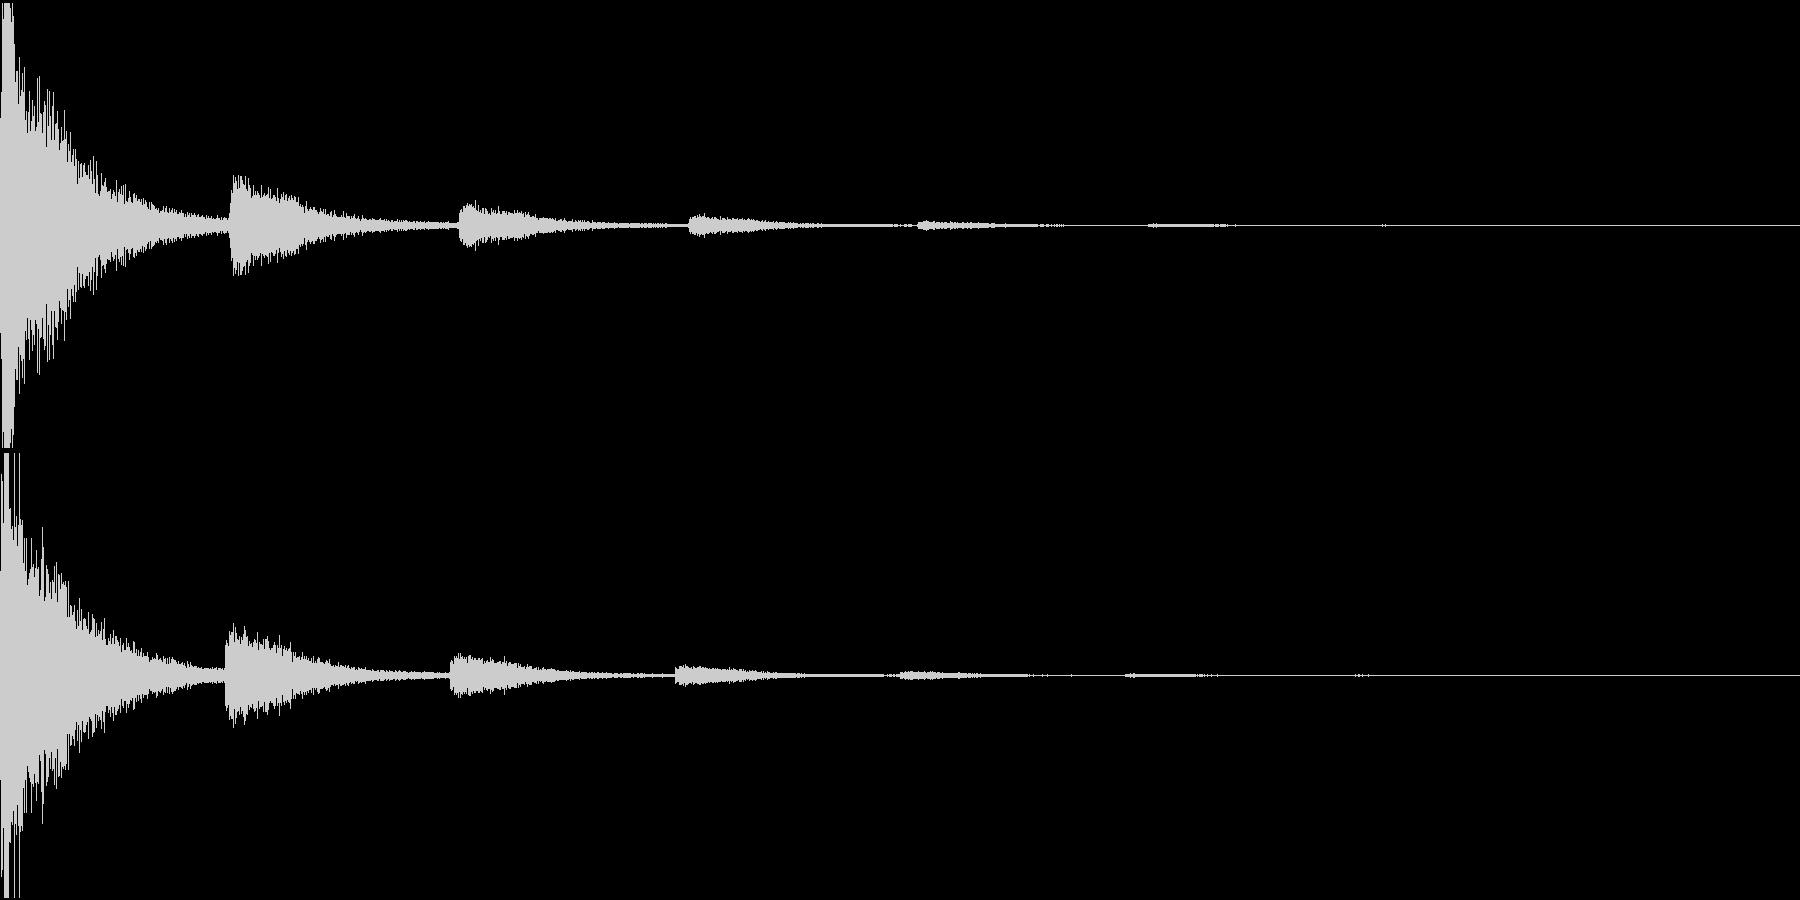 ばーん(撃墜された音)の未再生の波形